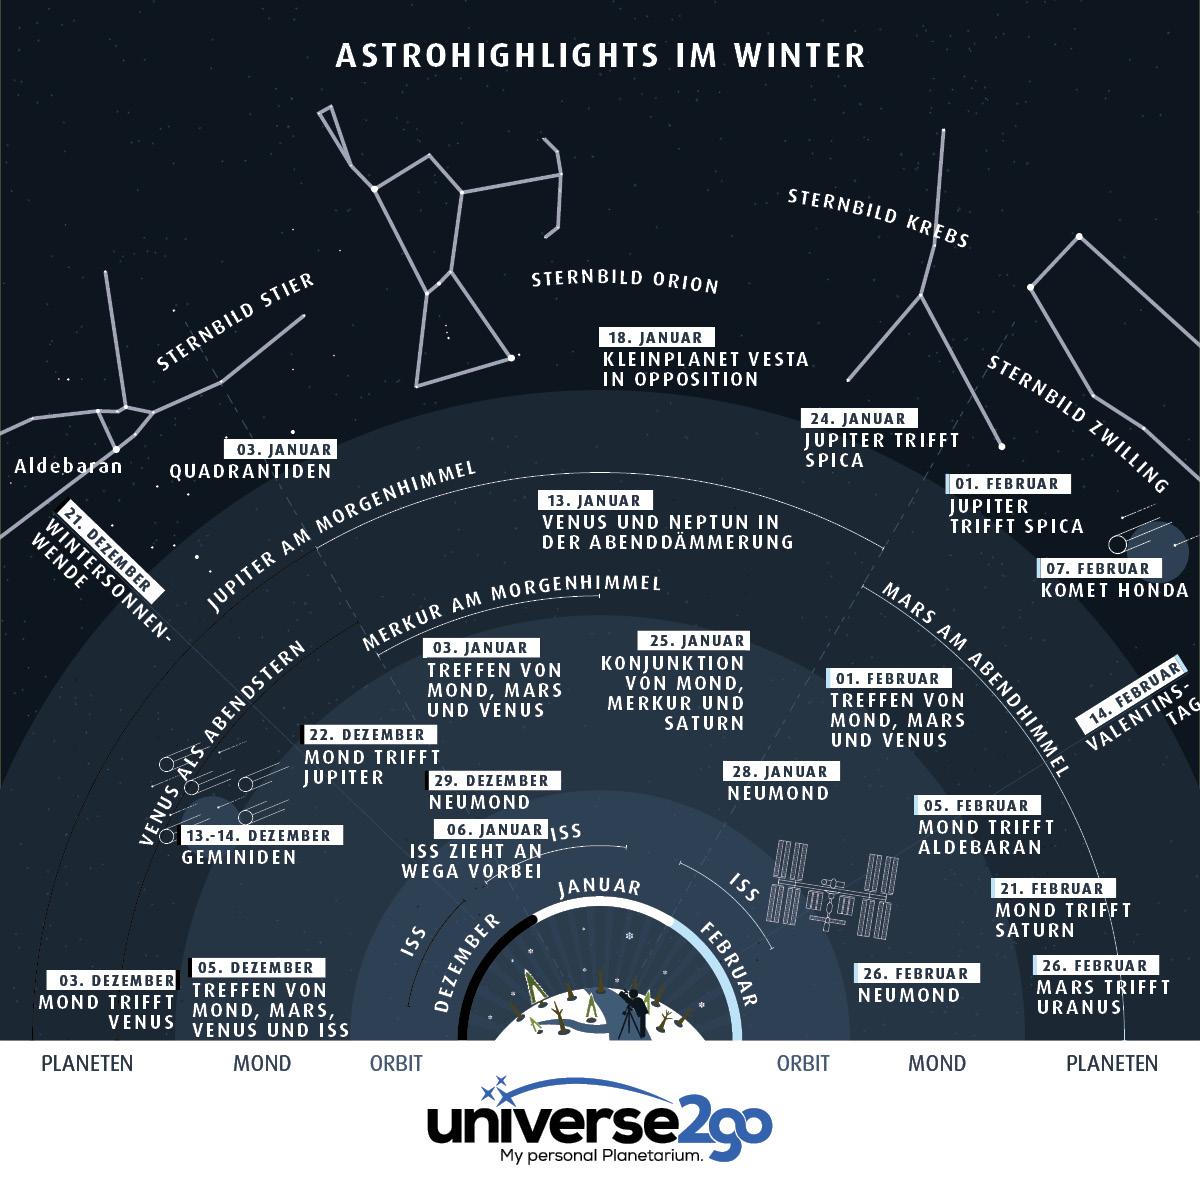 Infografik Highlights am Winterhimmel 2016/17: Alle Infos auf einen Blick-wann sieht man ISS, Mond, Planeten, Sternbilder